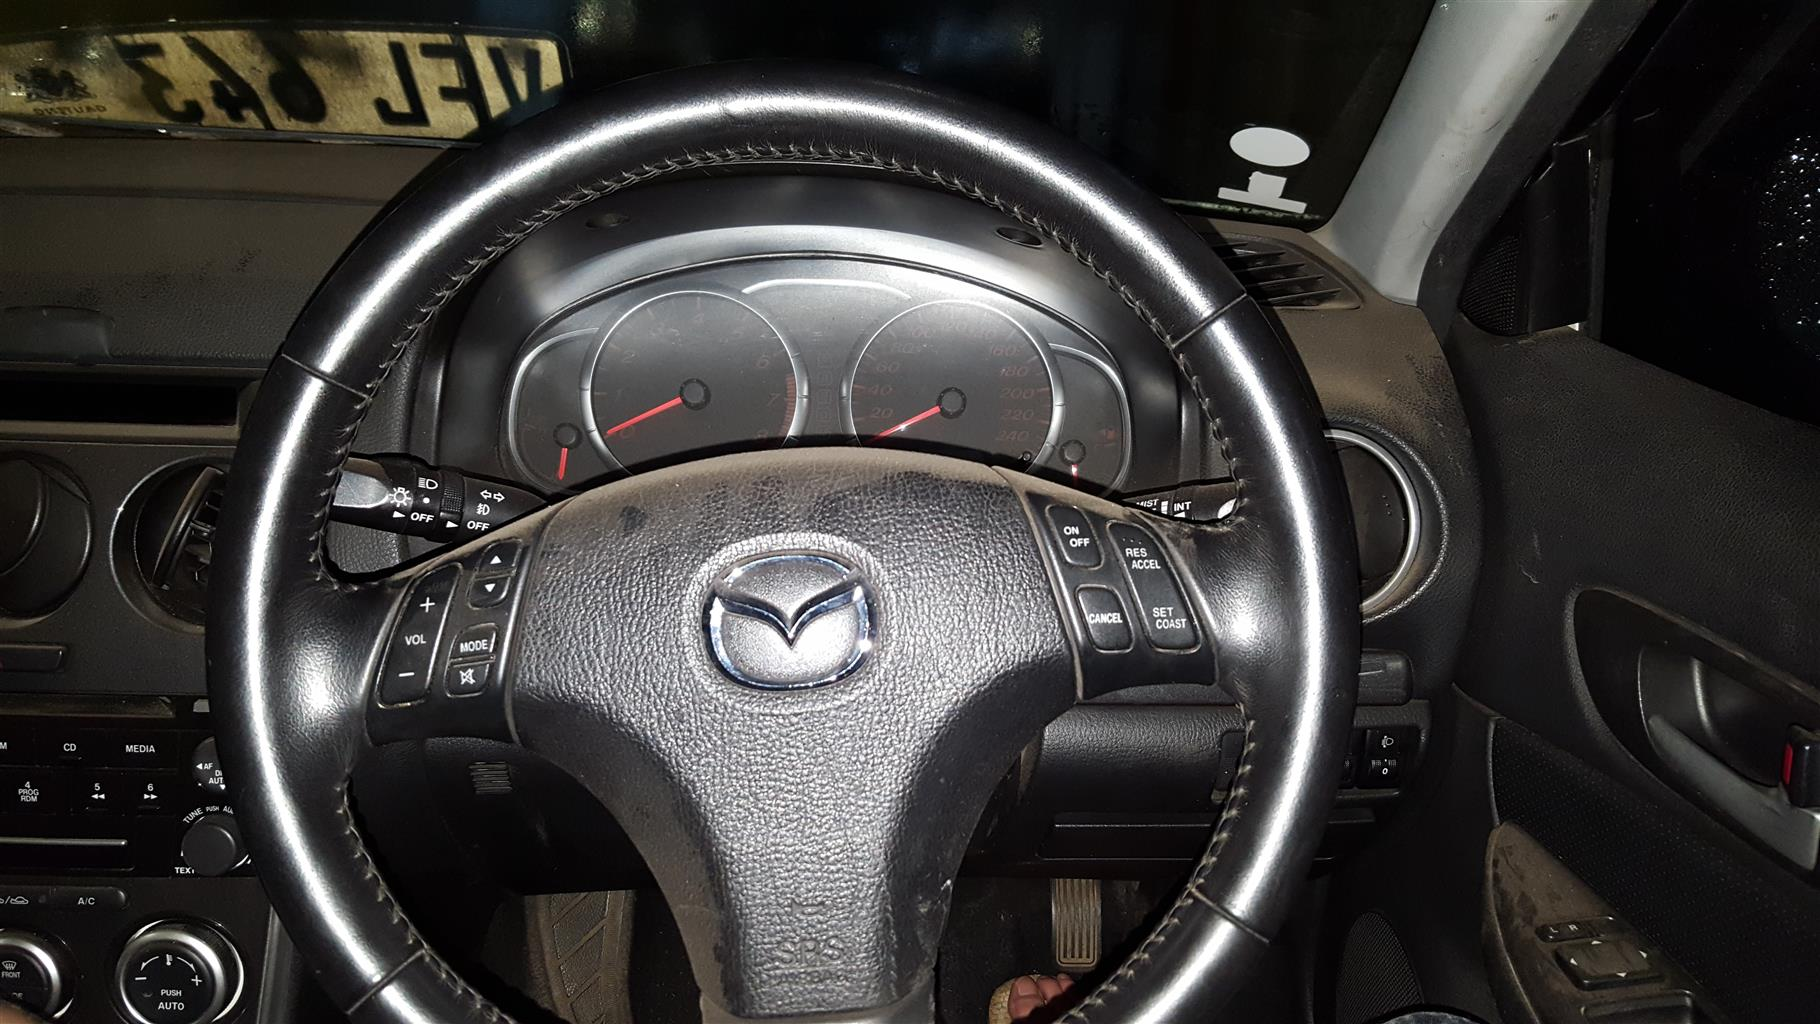 2006 Mazda 6 Mazda 2.3 Sporty Lux Activematic